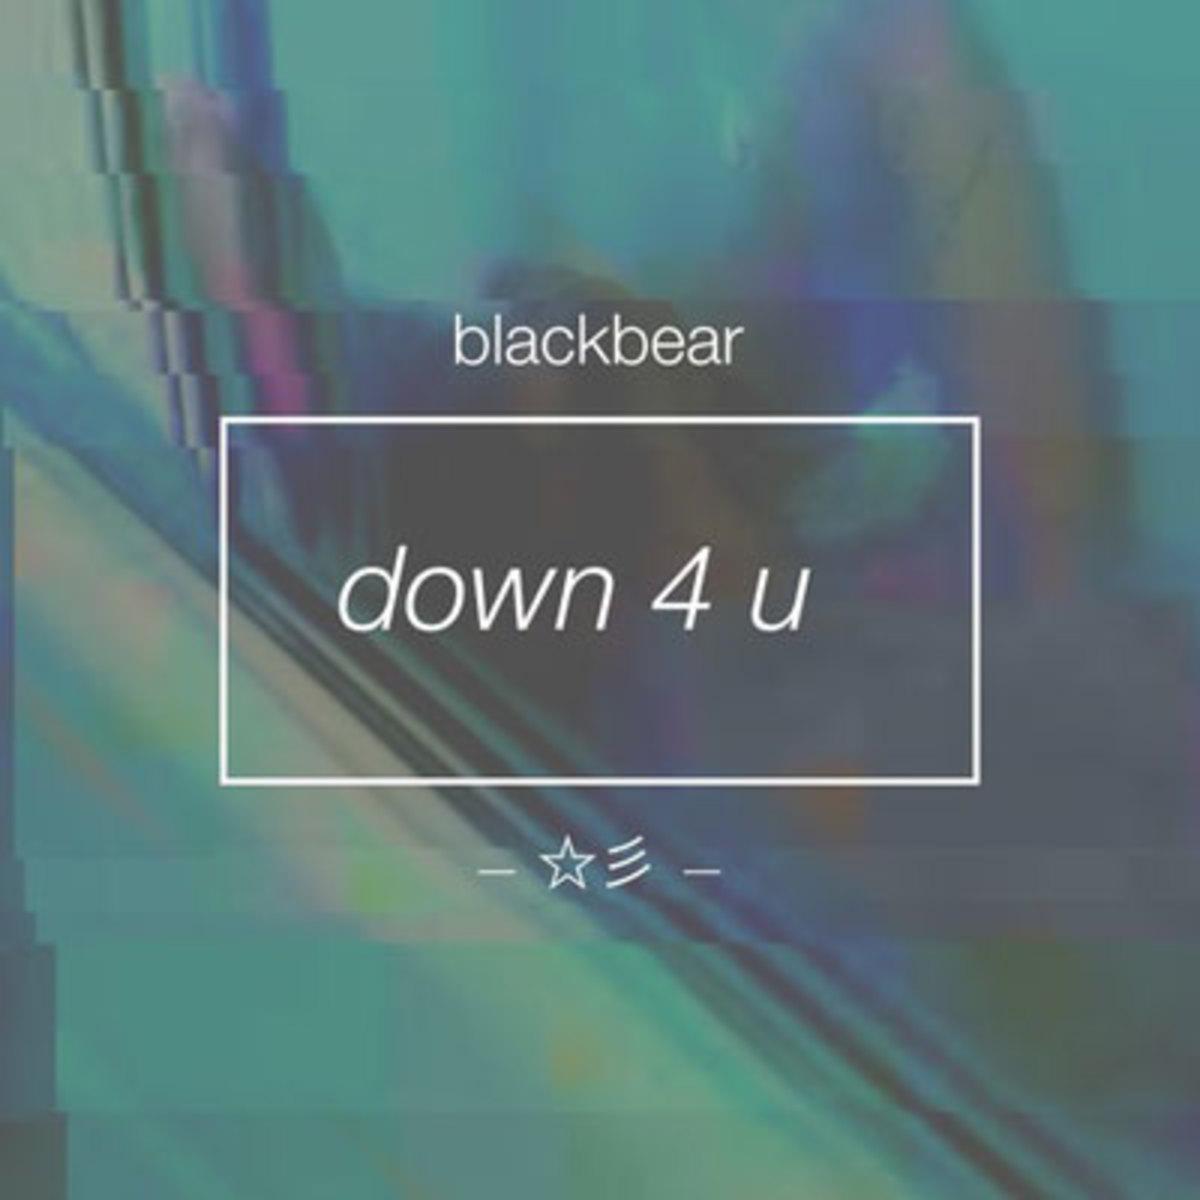 blackbear-down4u.jpg